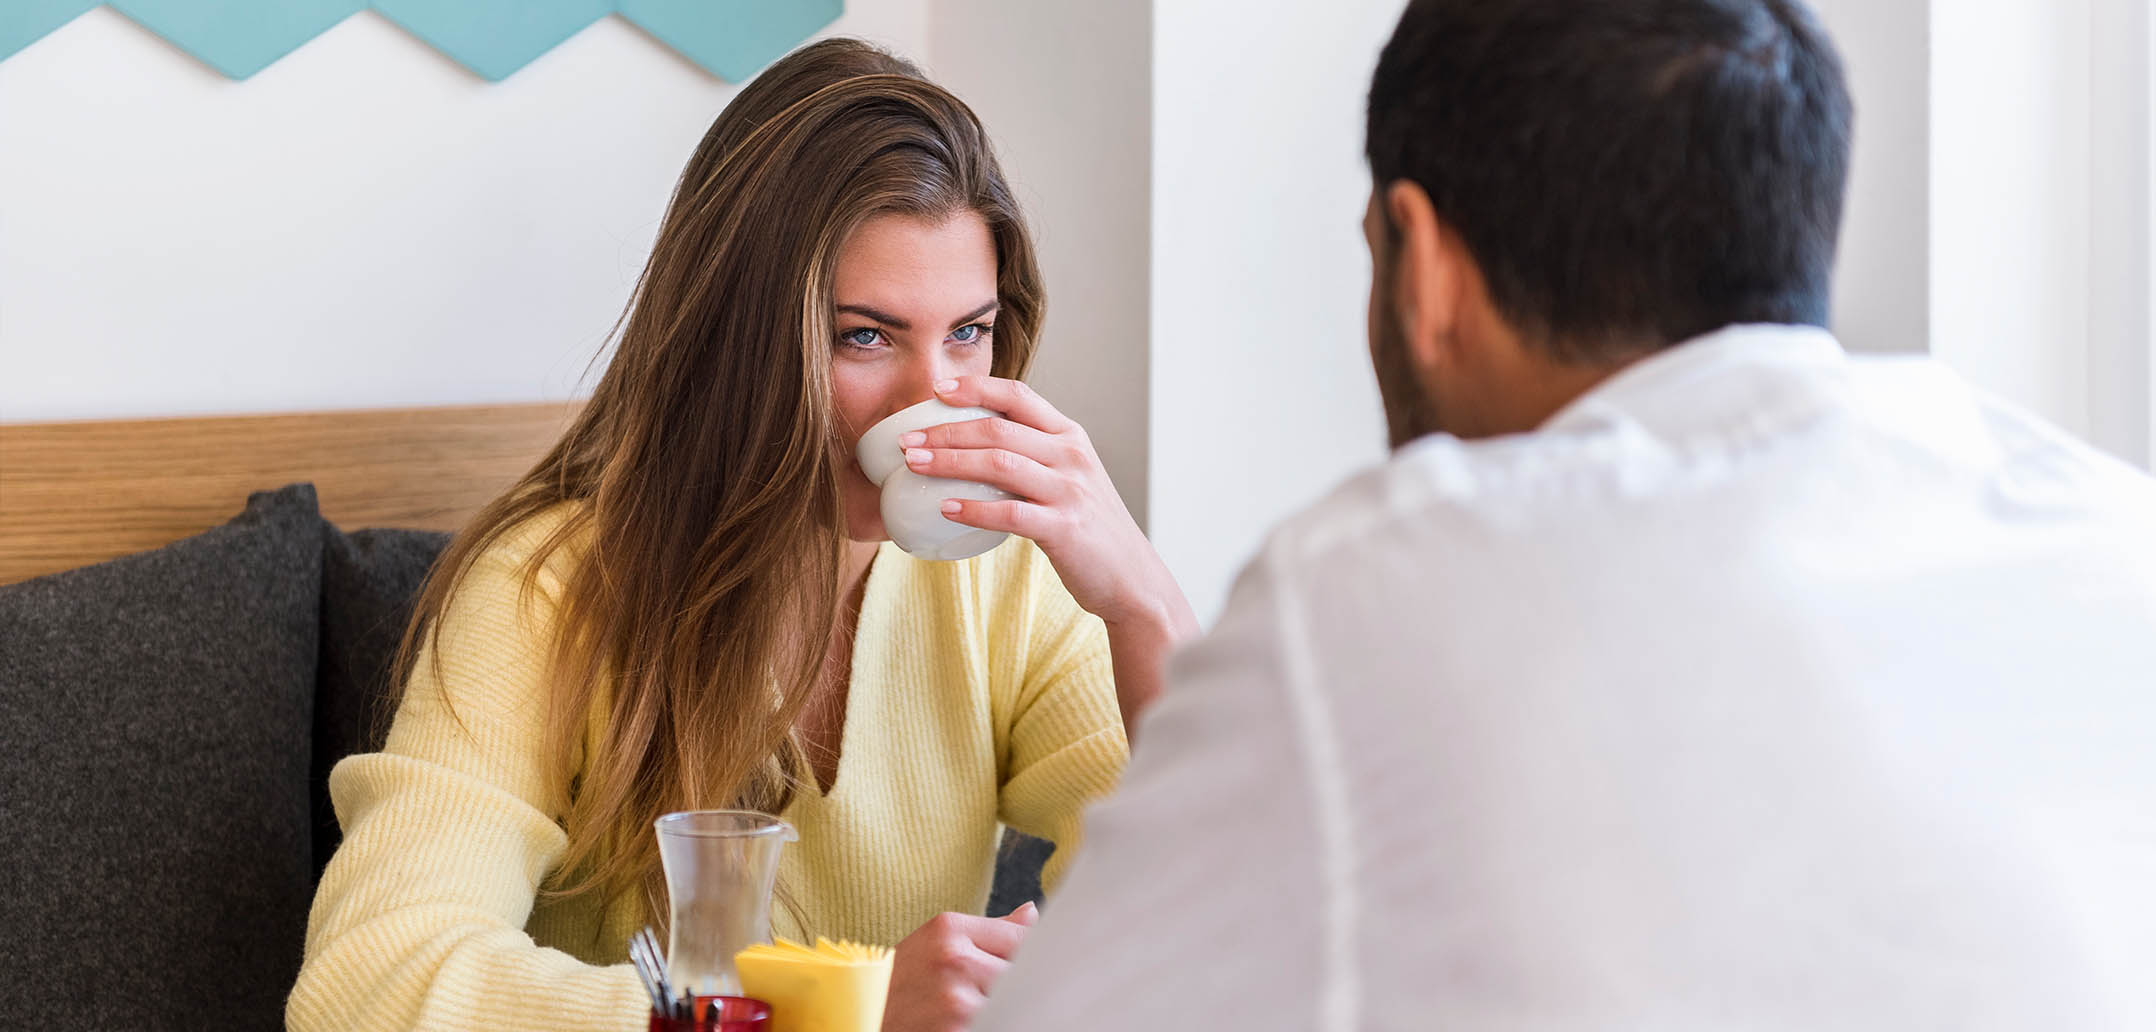 Wenn Sie sich unsicher sind bei Ihrem Date, stellen Sie ihm diese Fragen